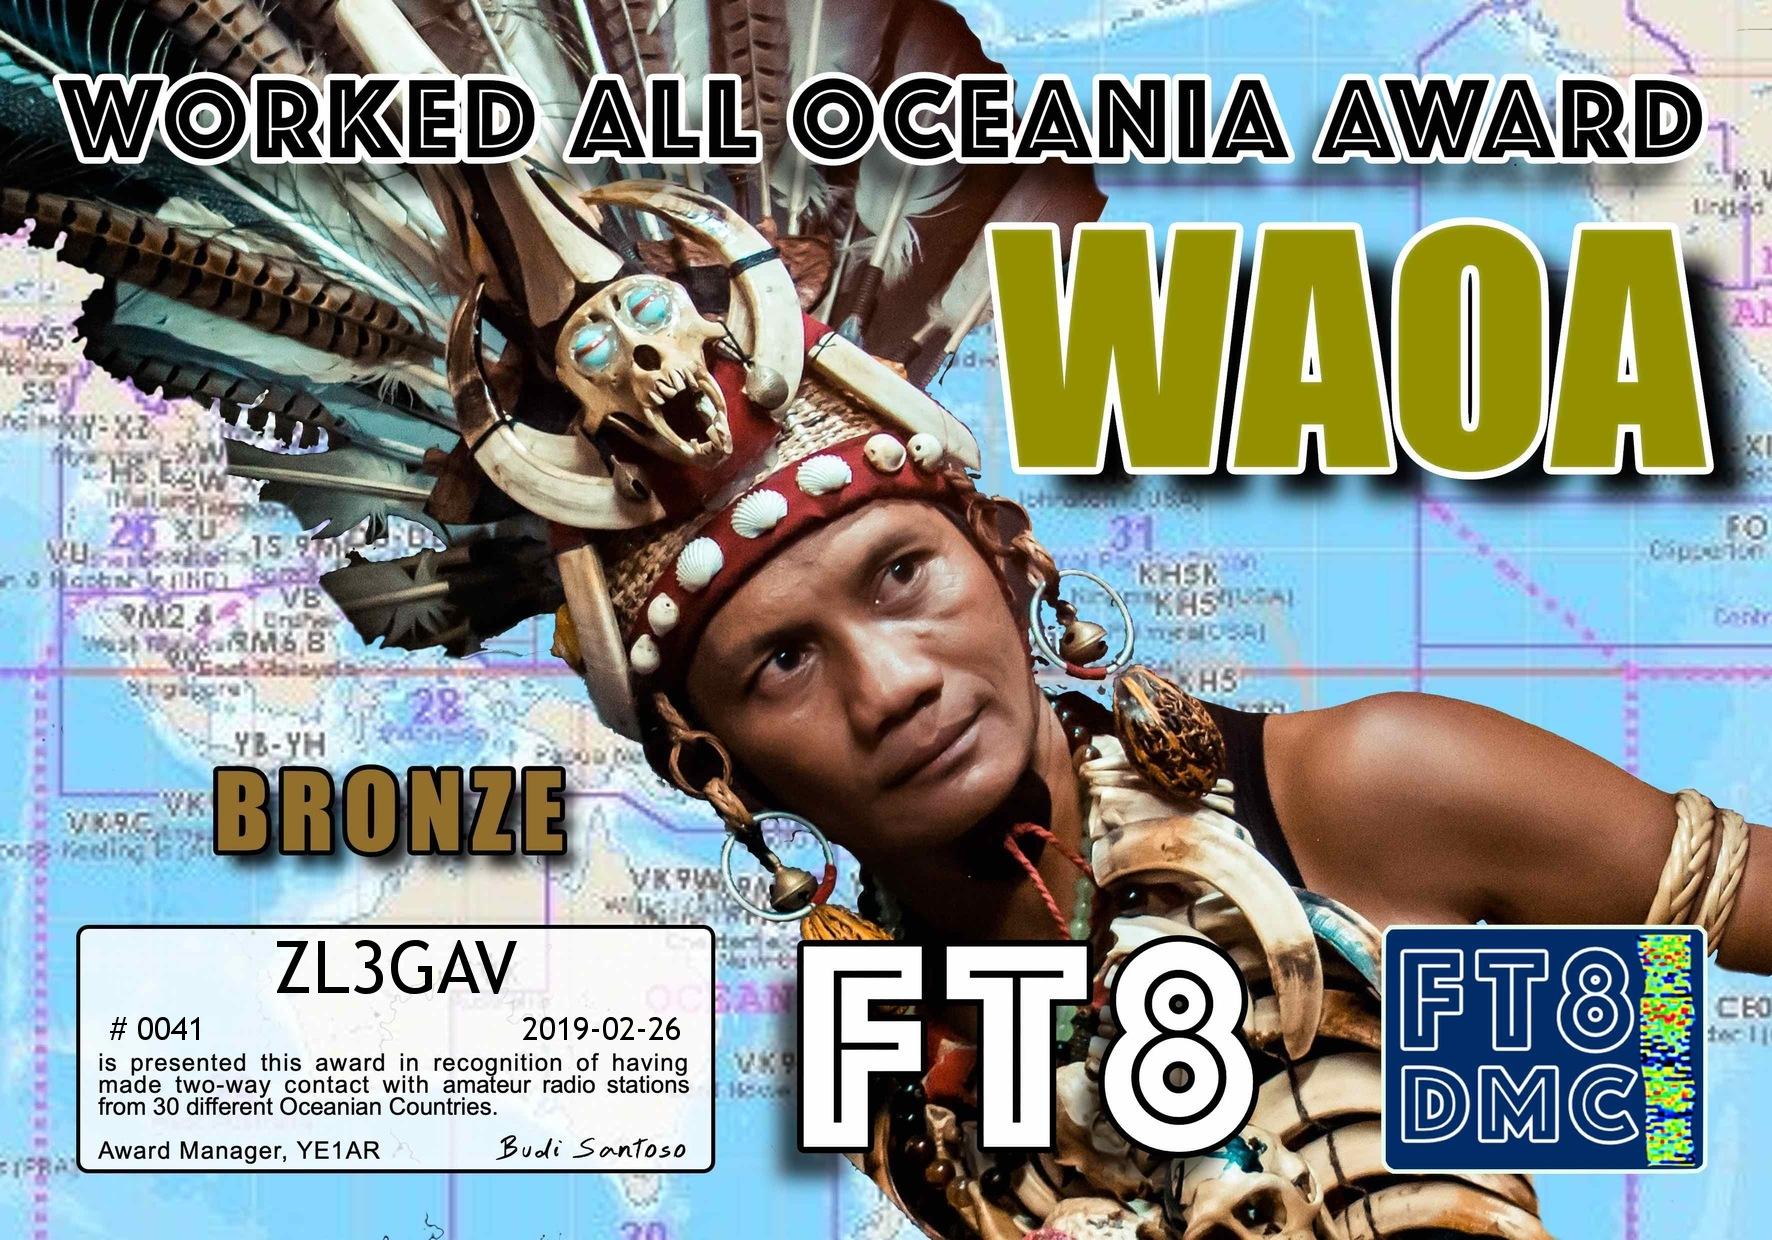 ZL3GAV-WAOA-BRONZE.jpg